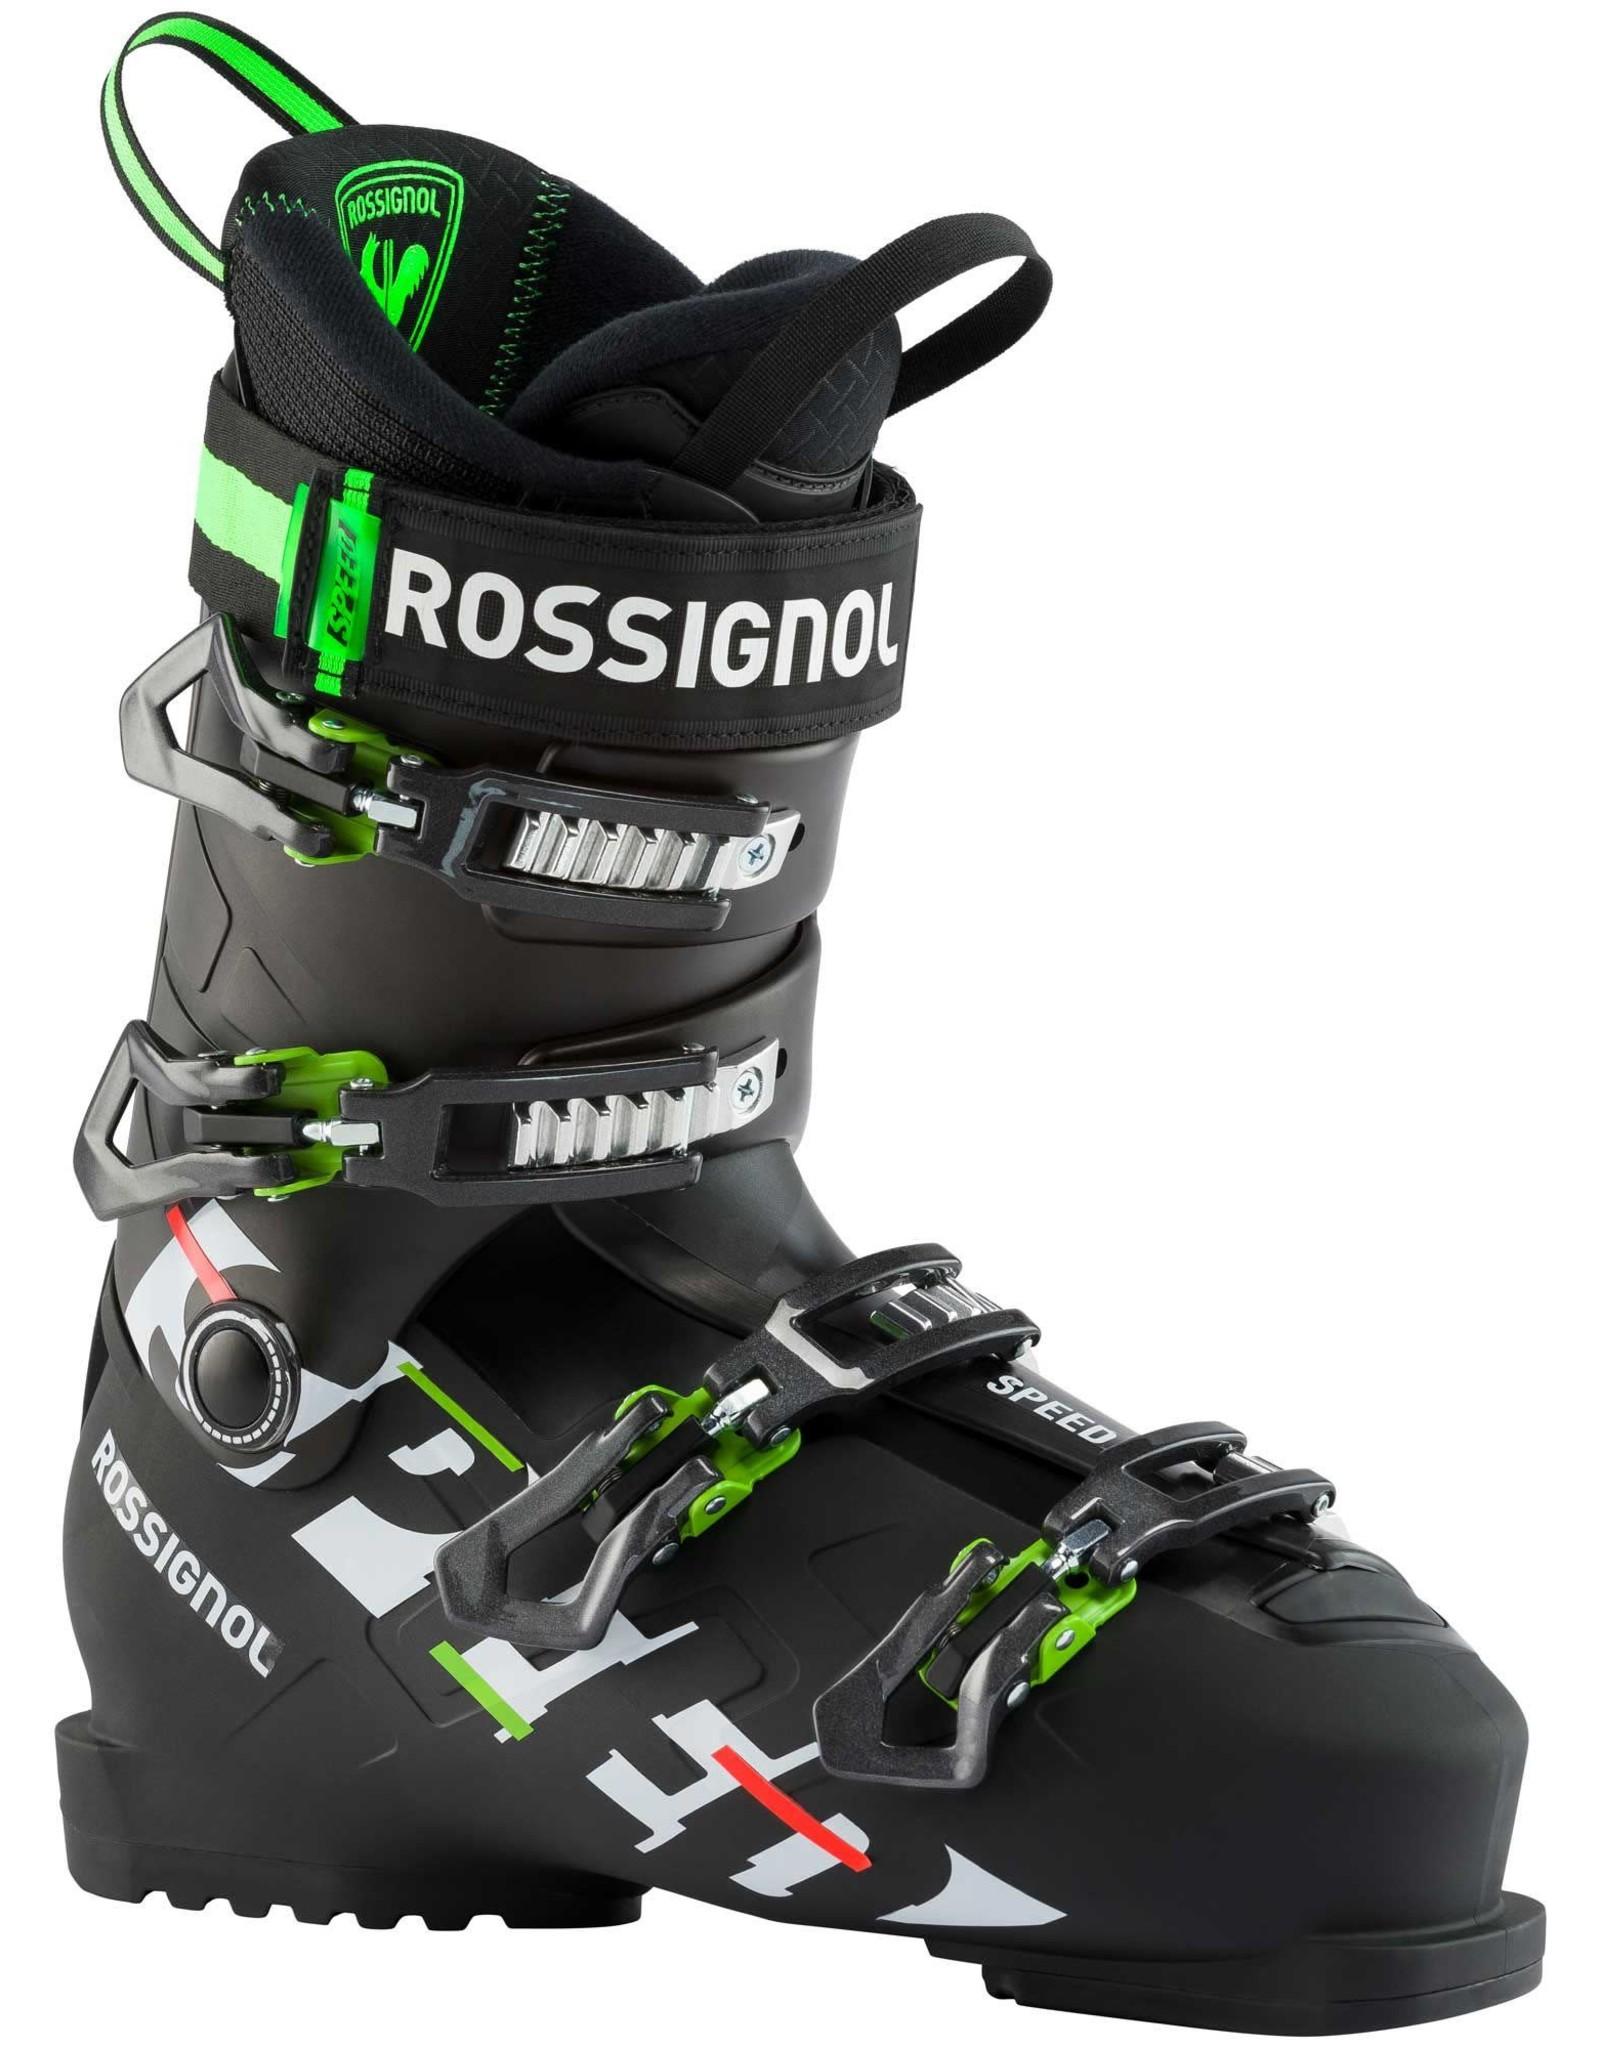 ROSSIGNOL Rossignol Speed 100 men alpine ski boot blk 22